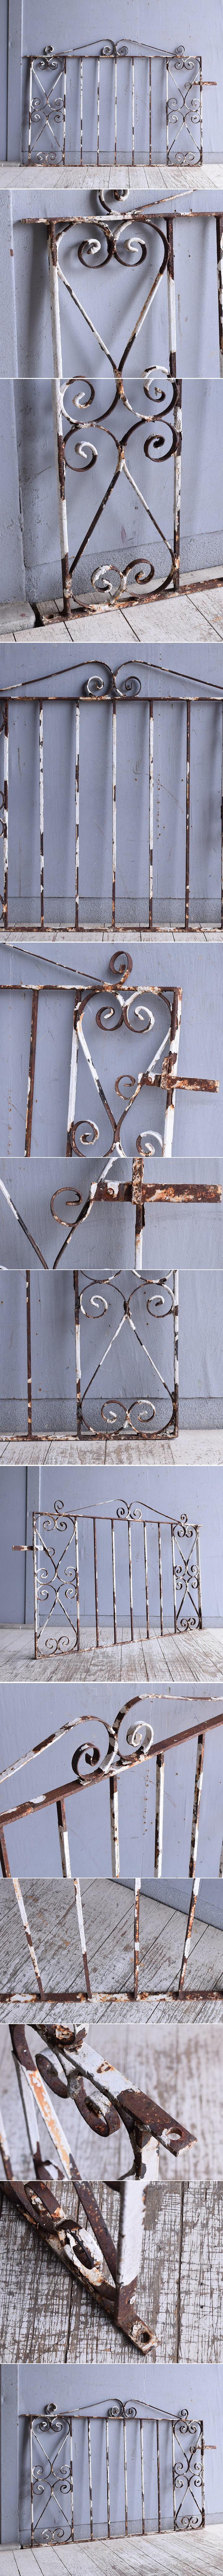 イギリスアンティーク アイアンフェンス ゲート柵 ガーデニング 9513